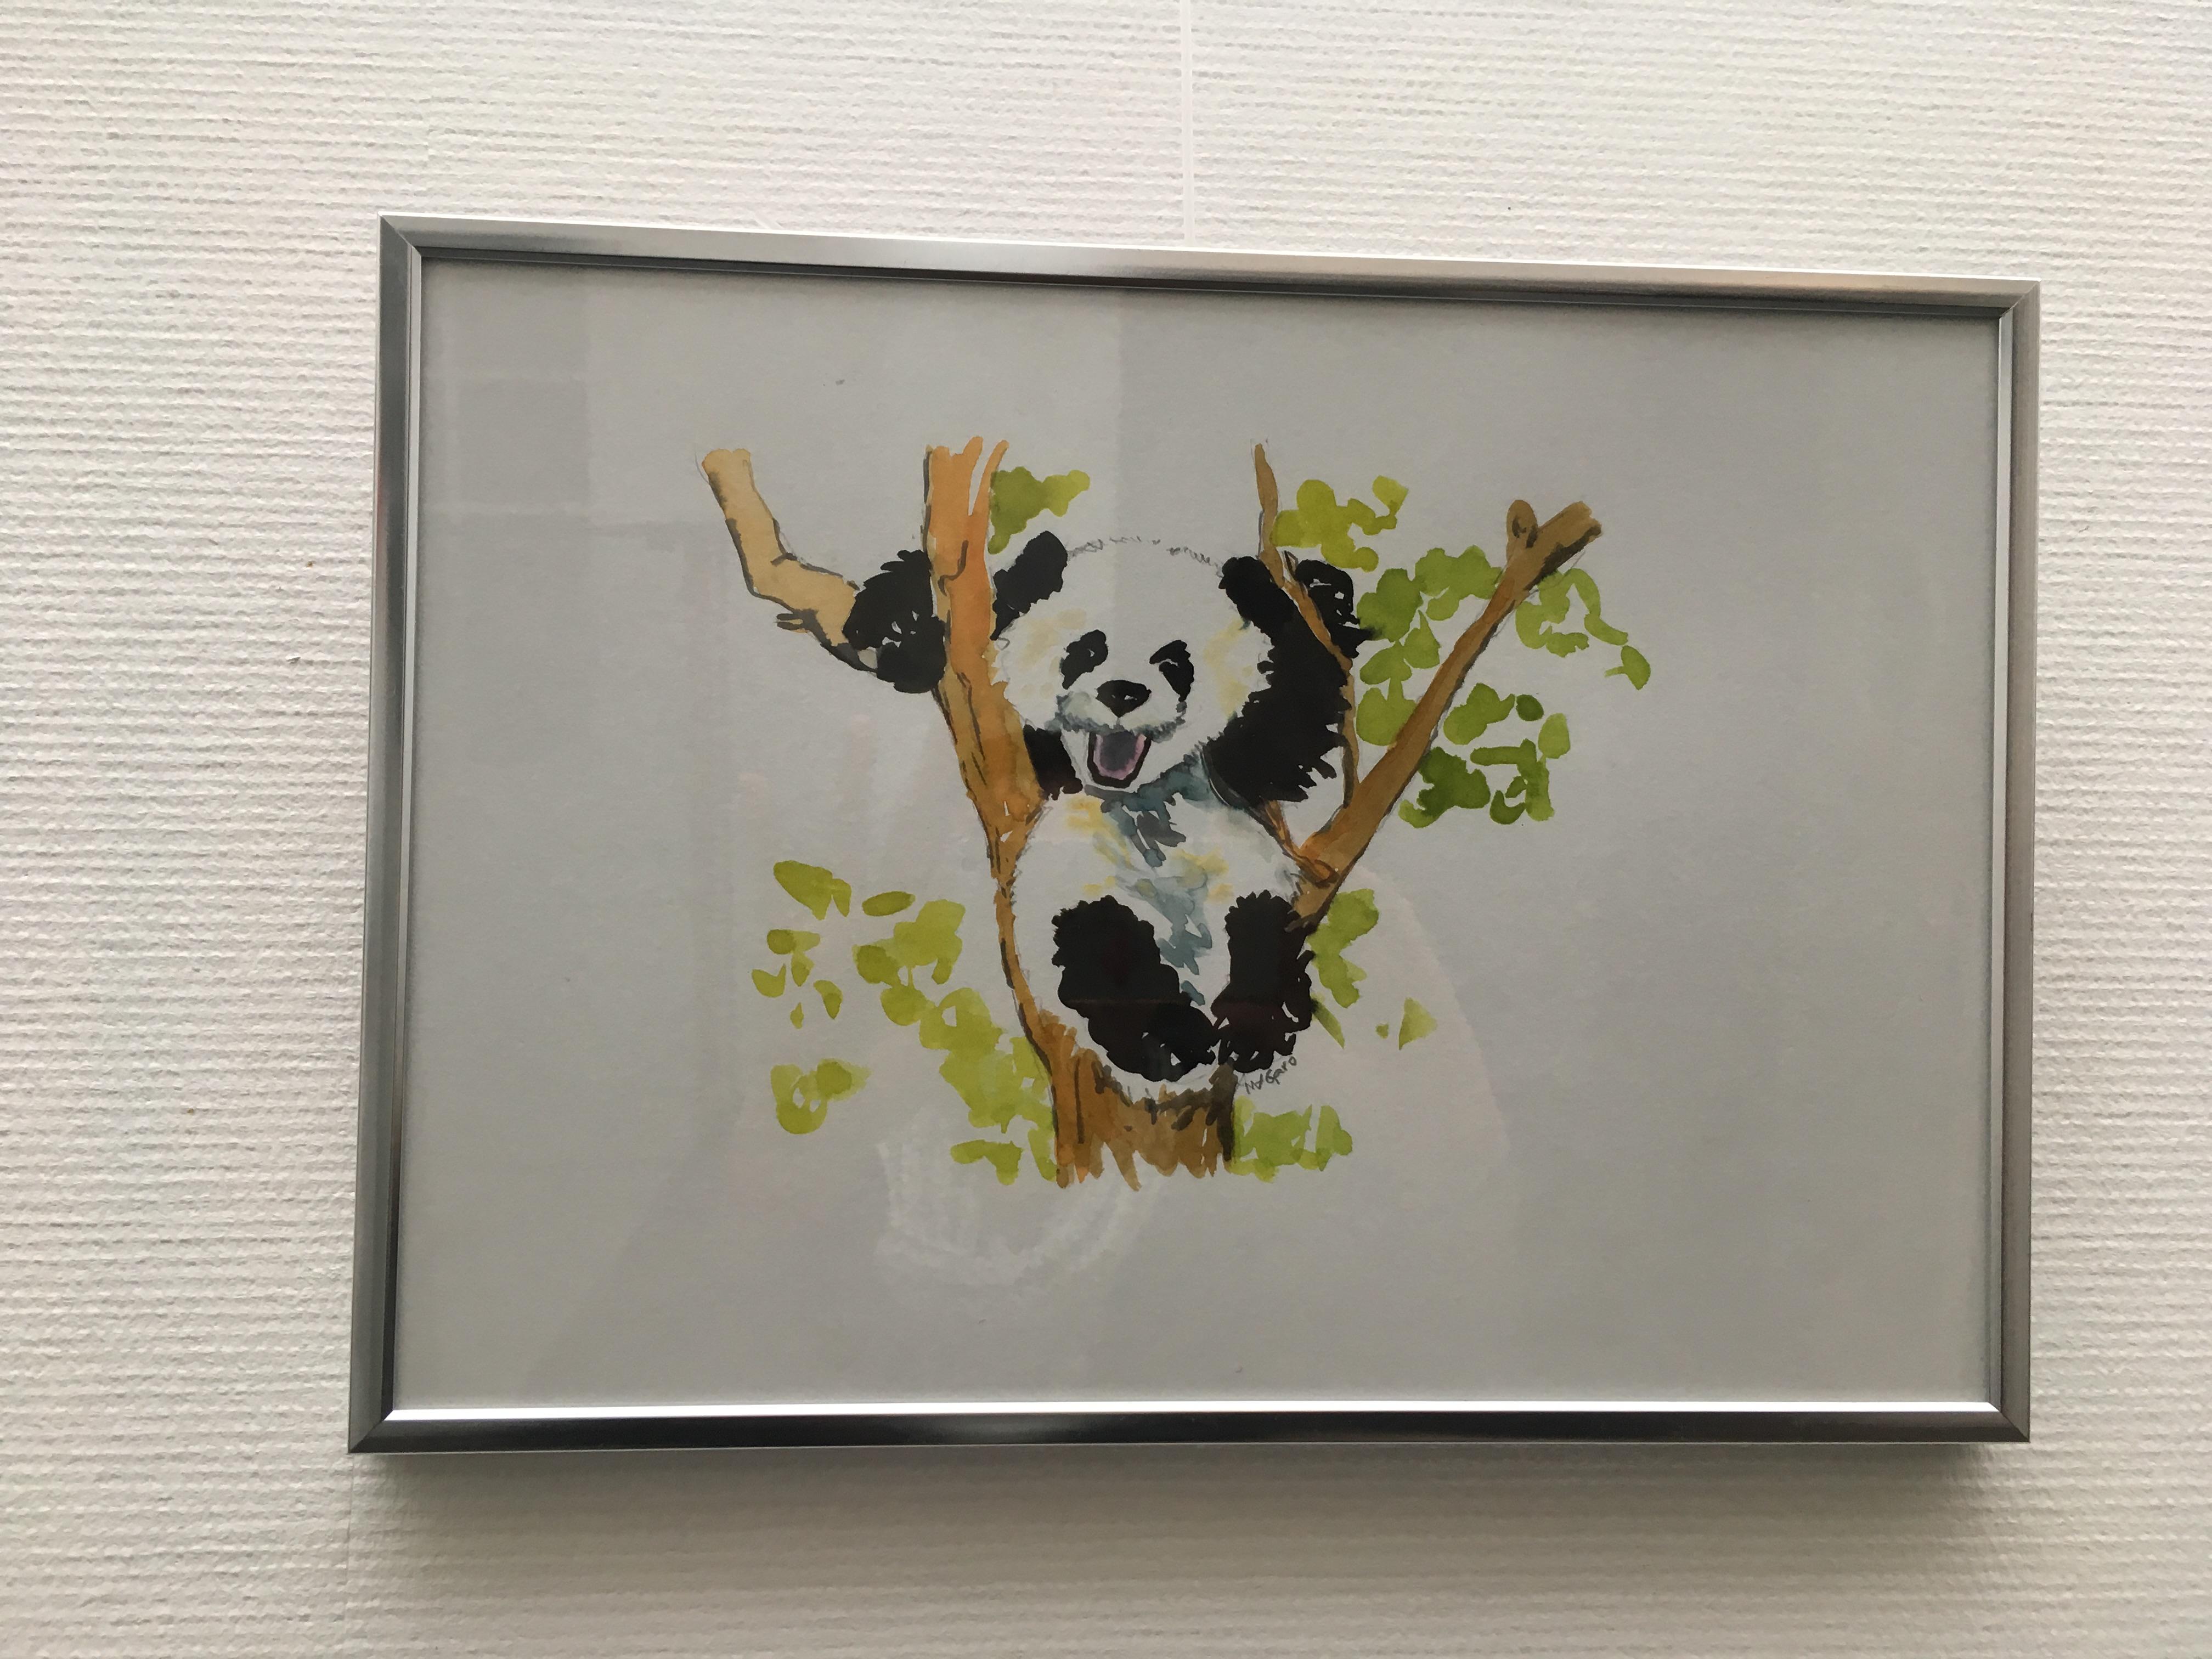 panda rieur, encre  aquarelle originale de M-A.Garo 2019